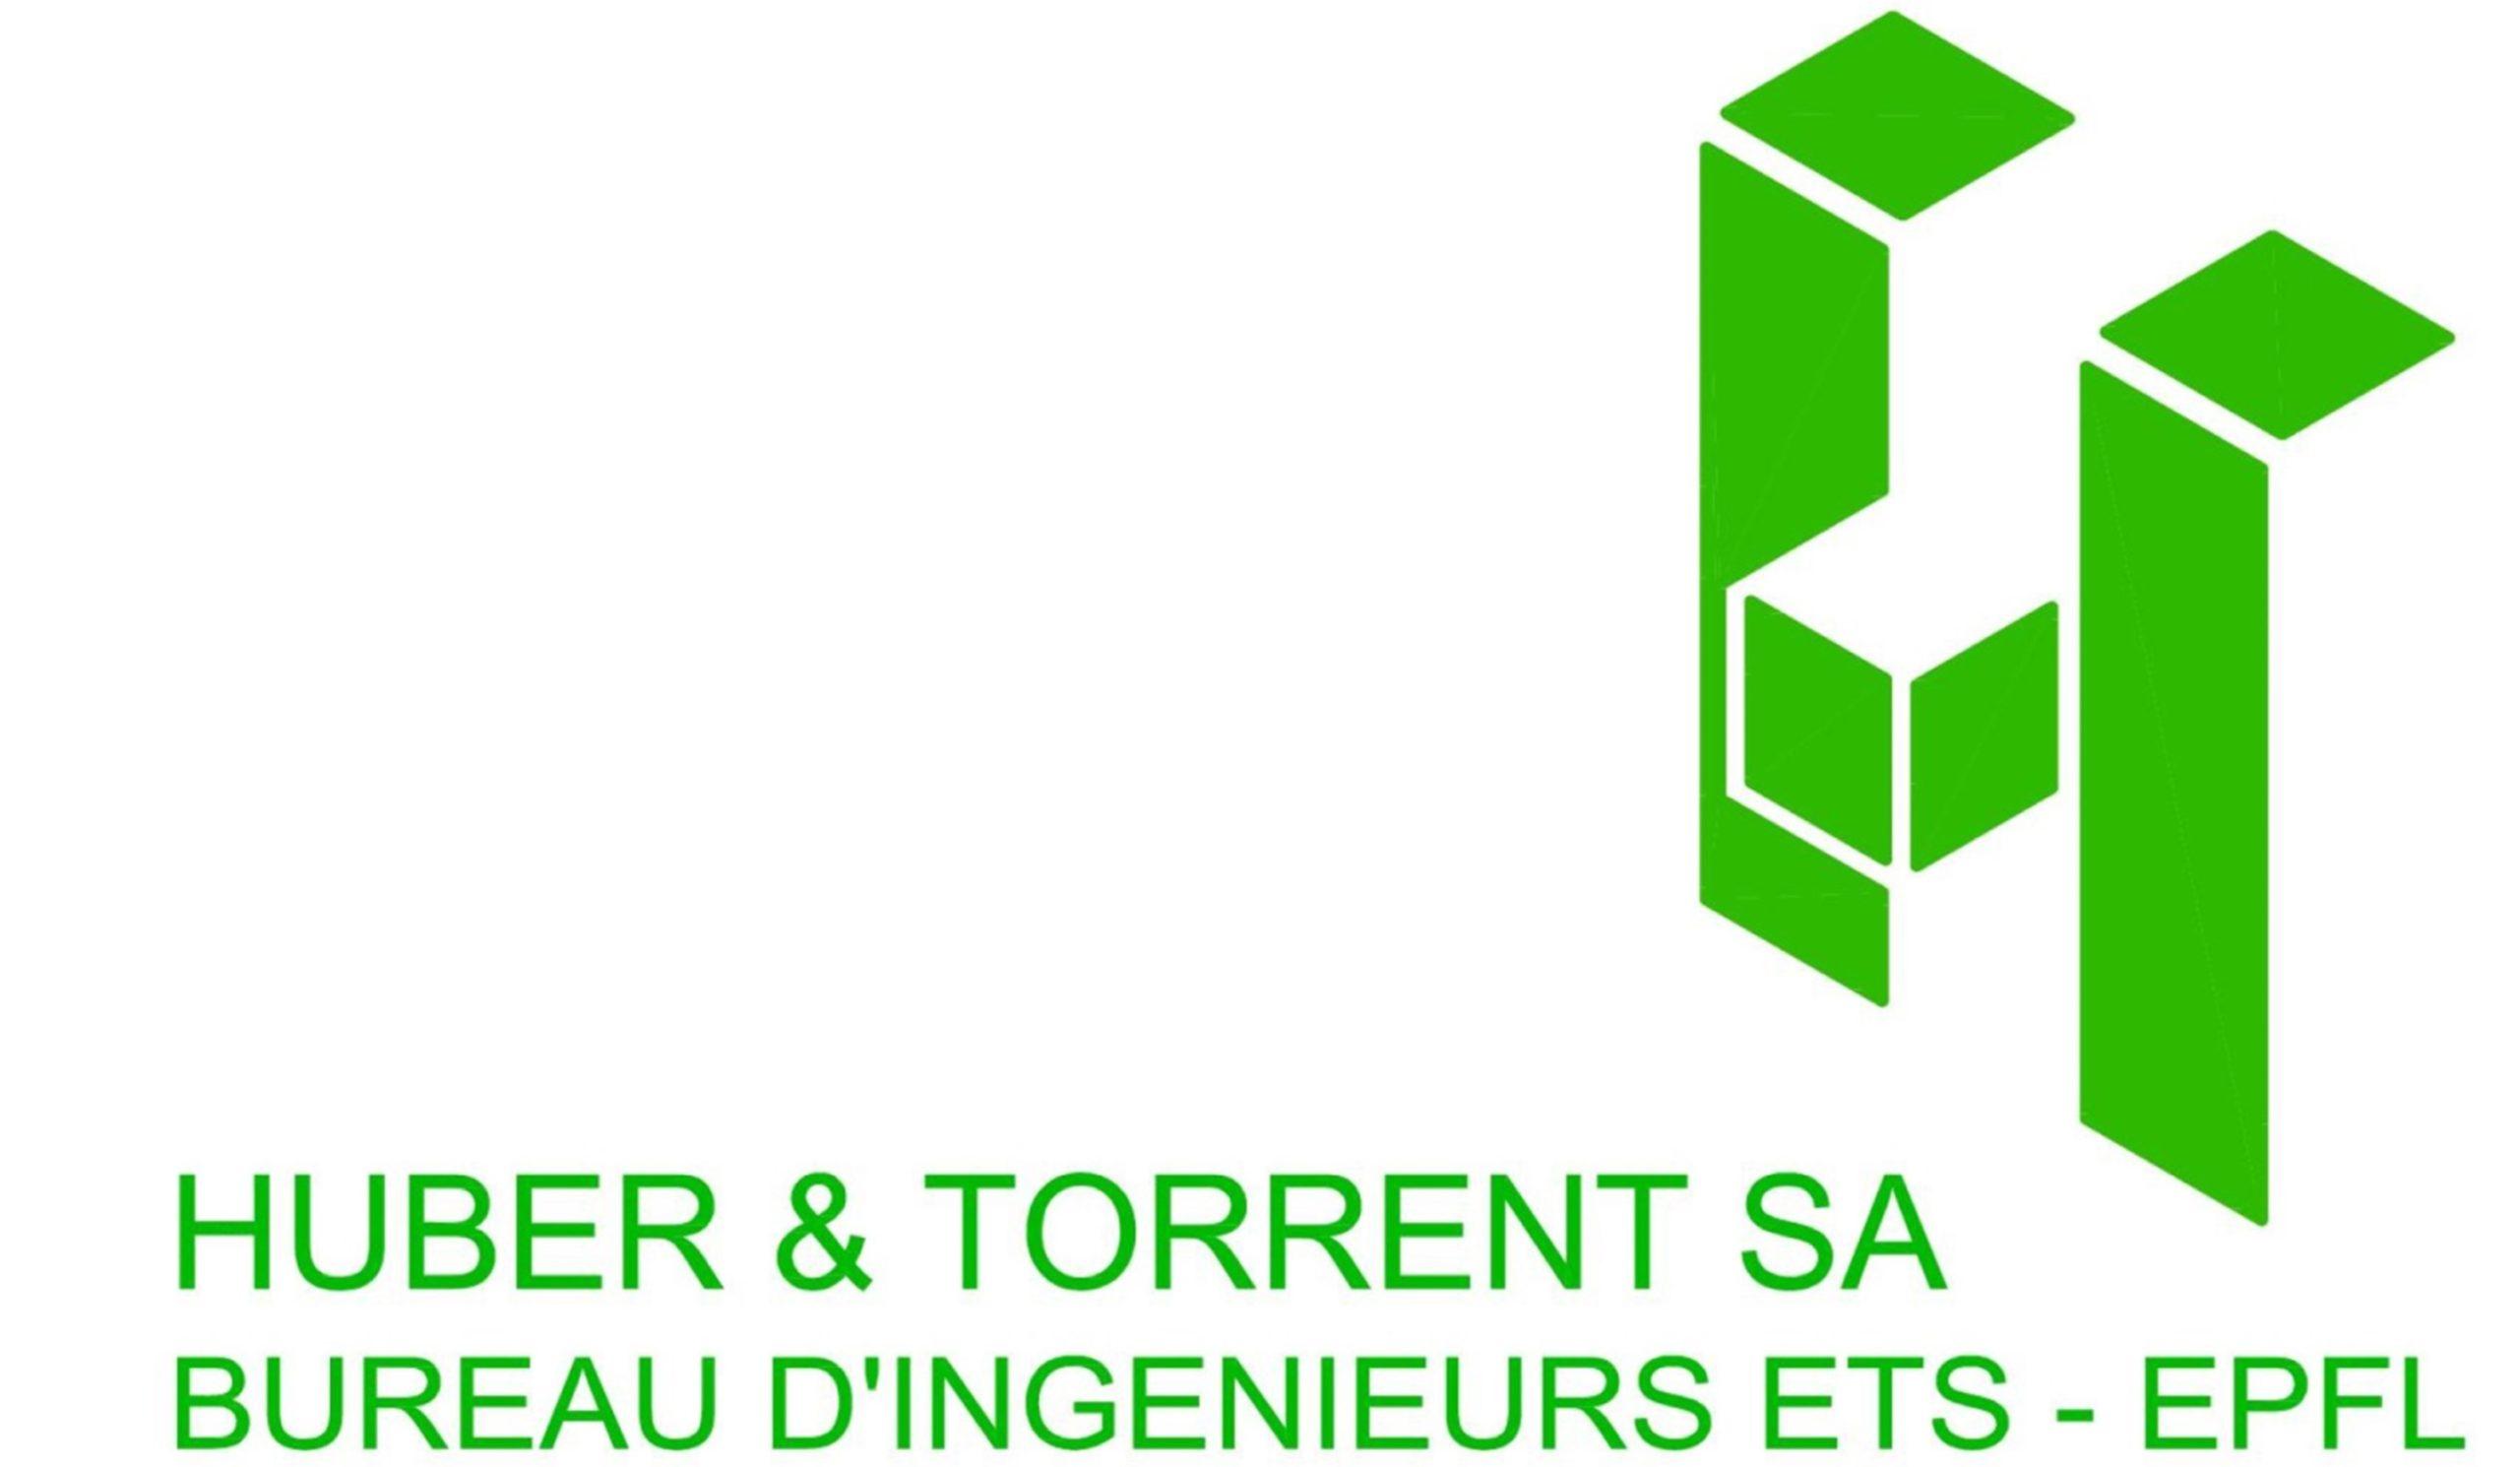 Huber & Torrent SA